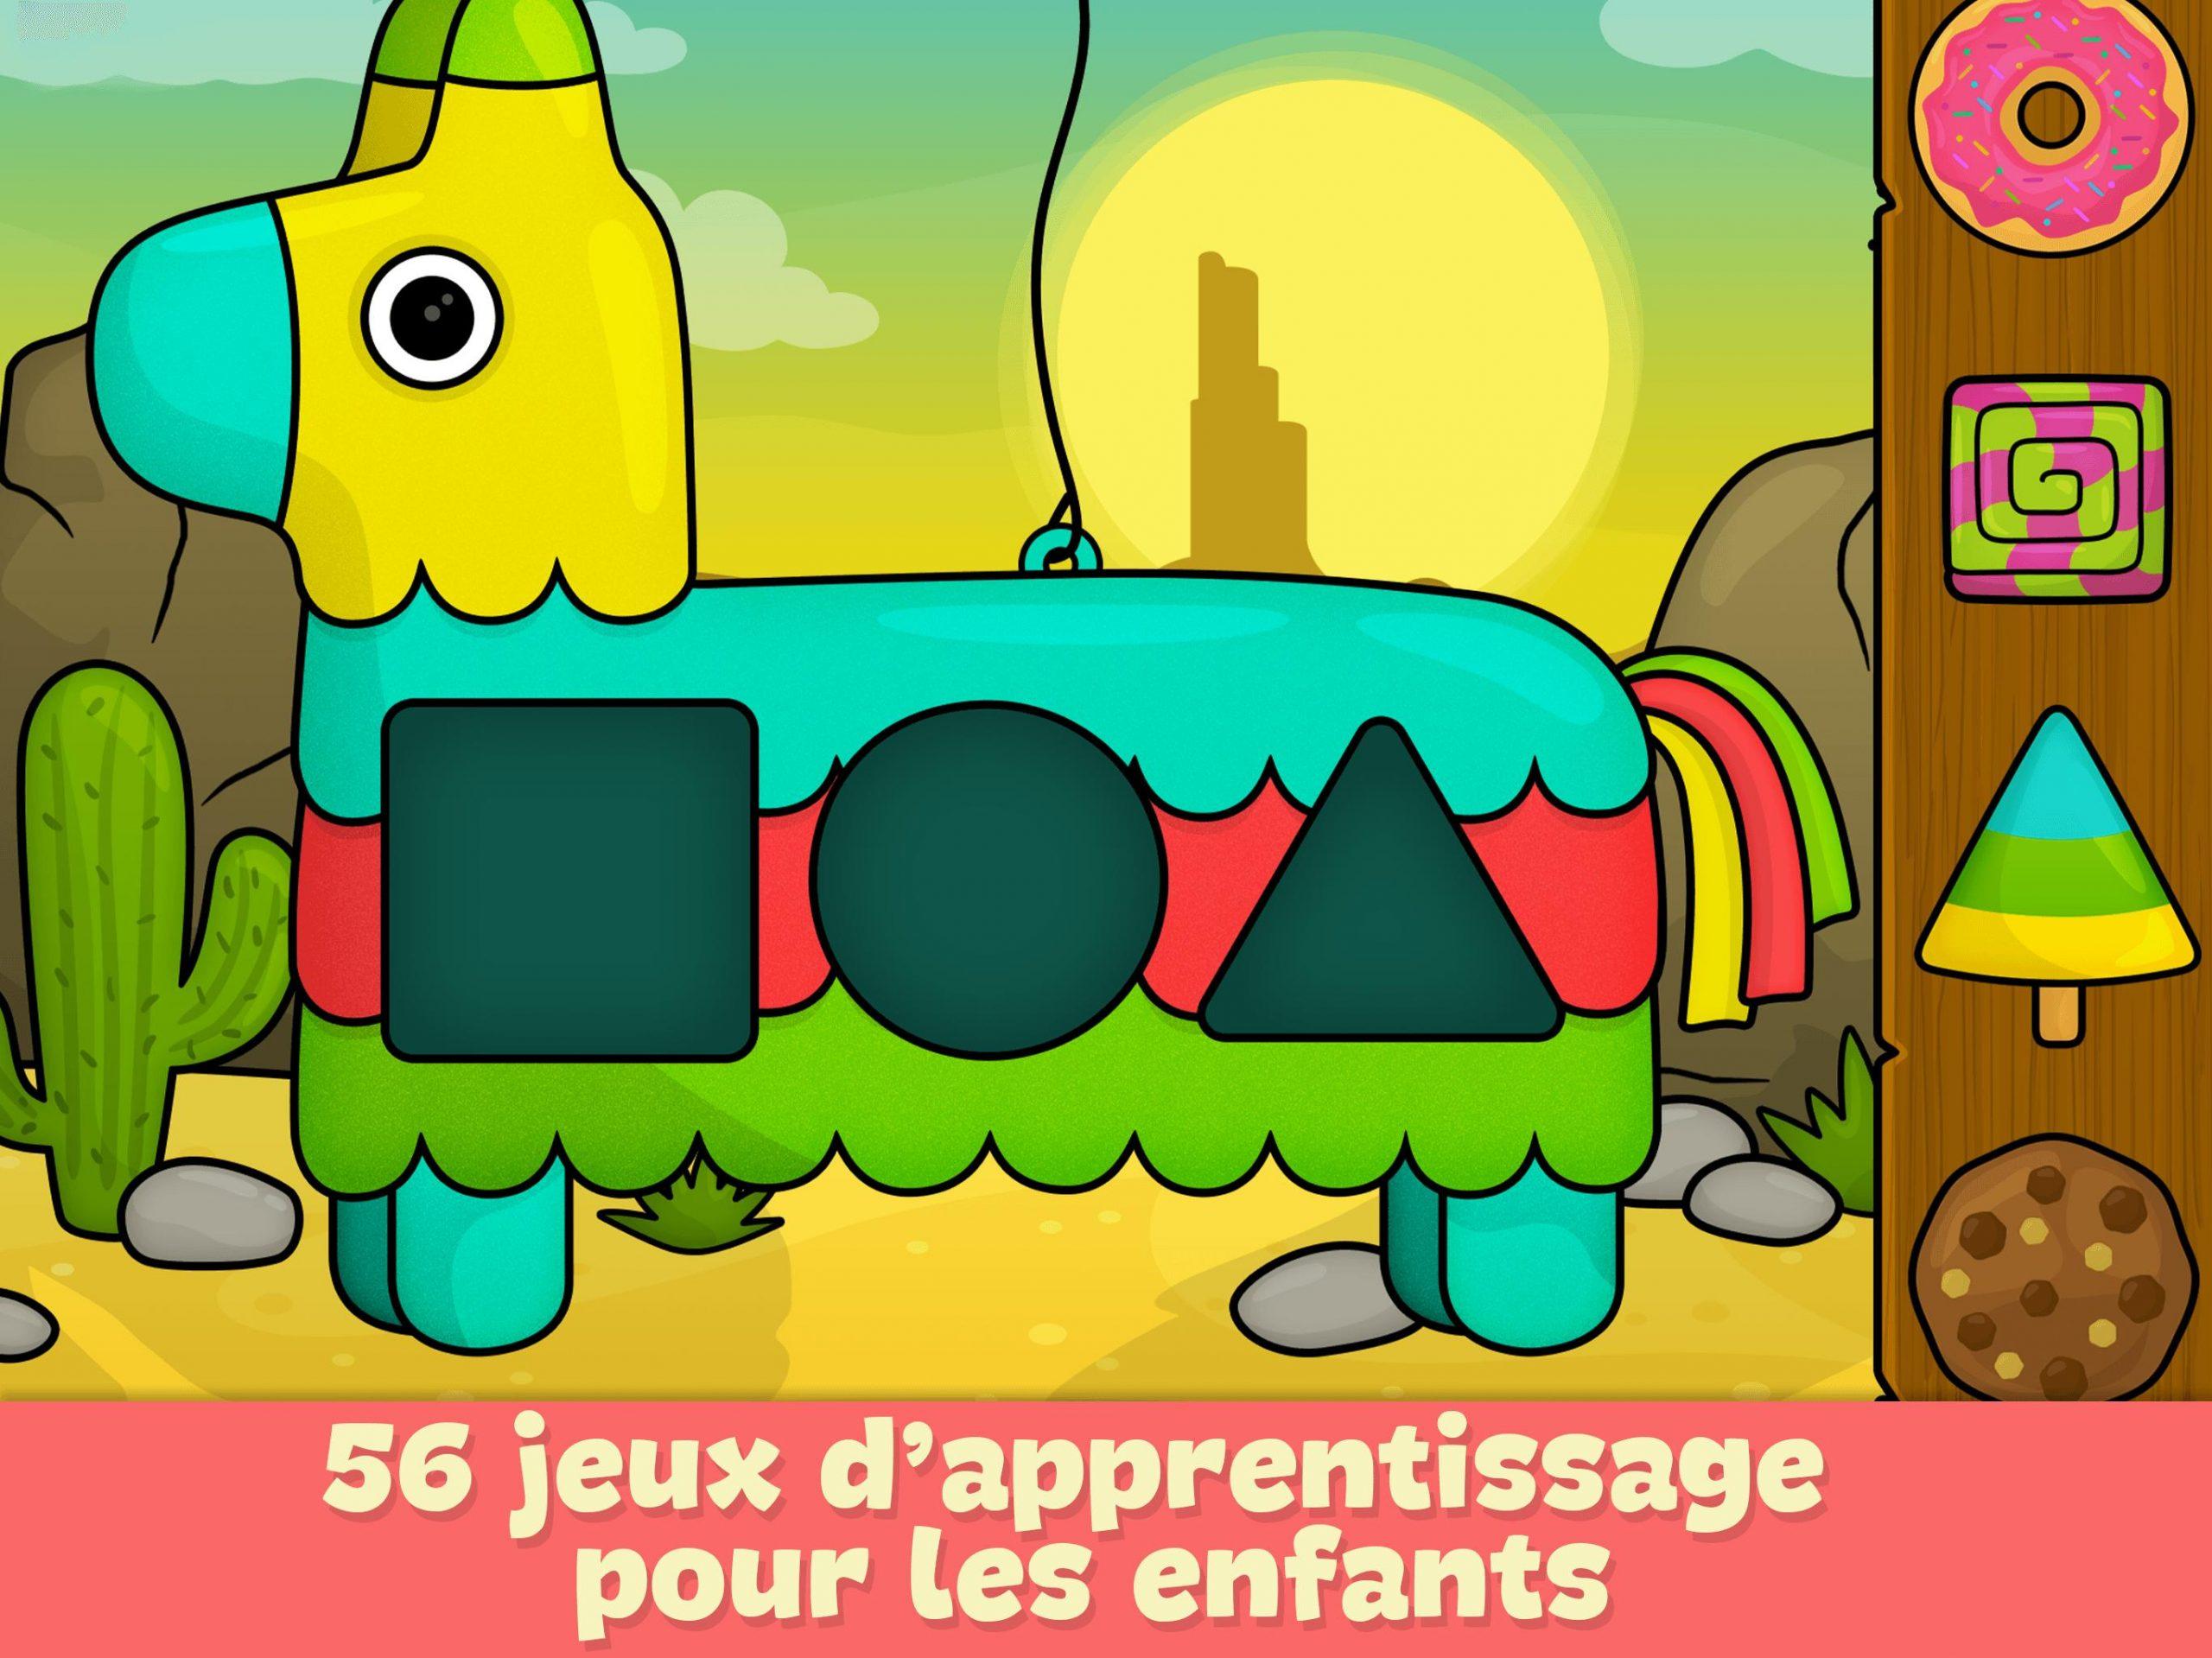 Jeux Pour Enfants 2 - 5 Ans Pour Android - Téléchargez L'apk pour Jeux Enfant 7 Ans